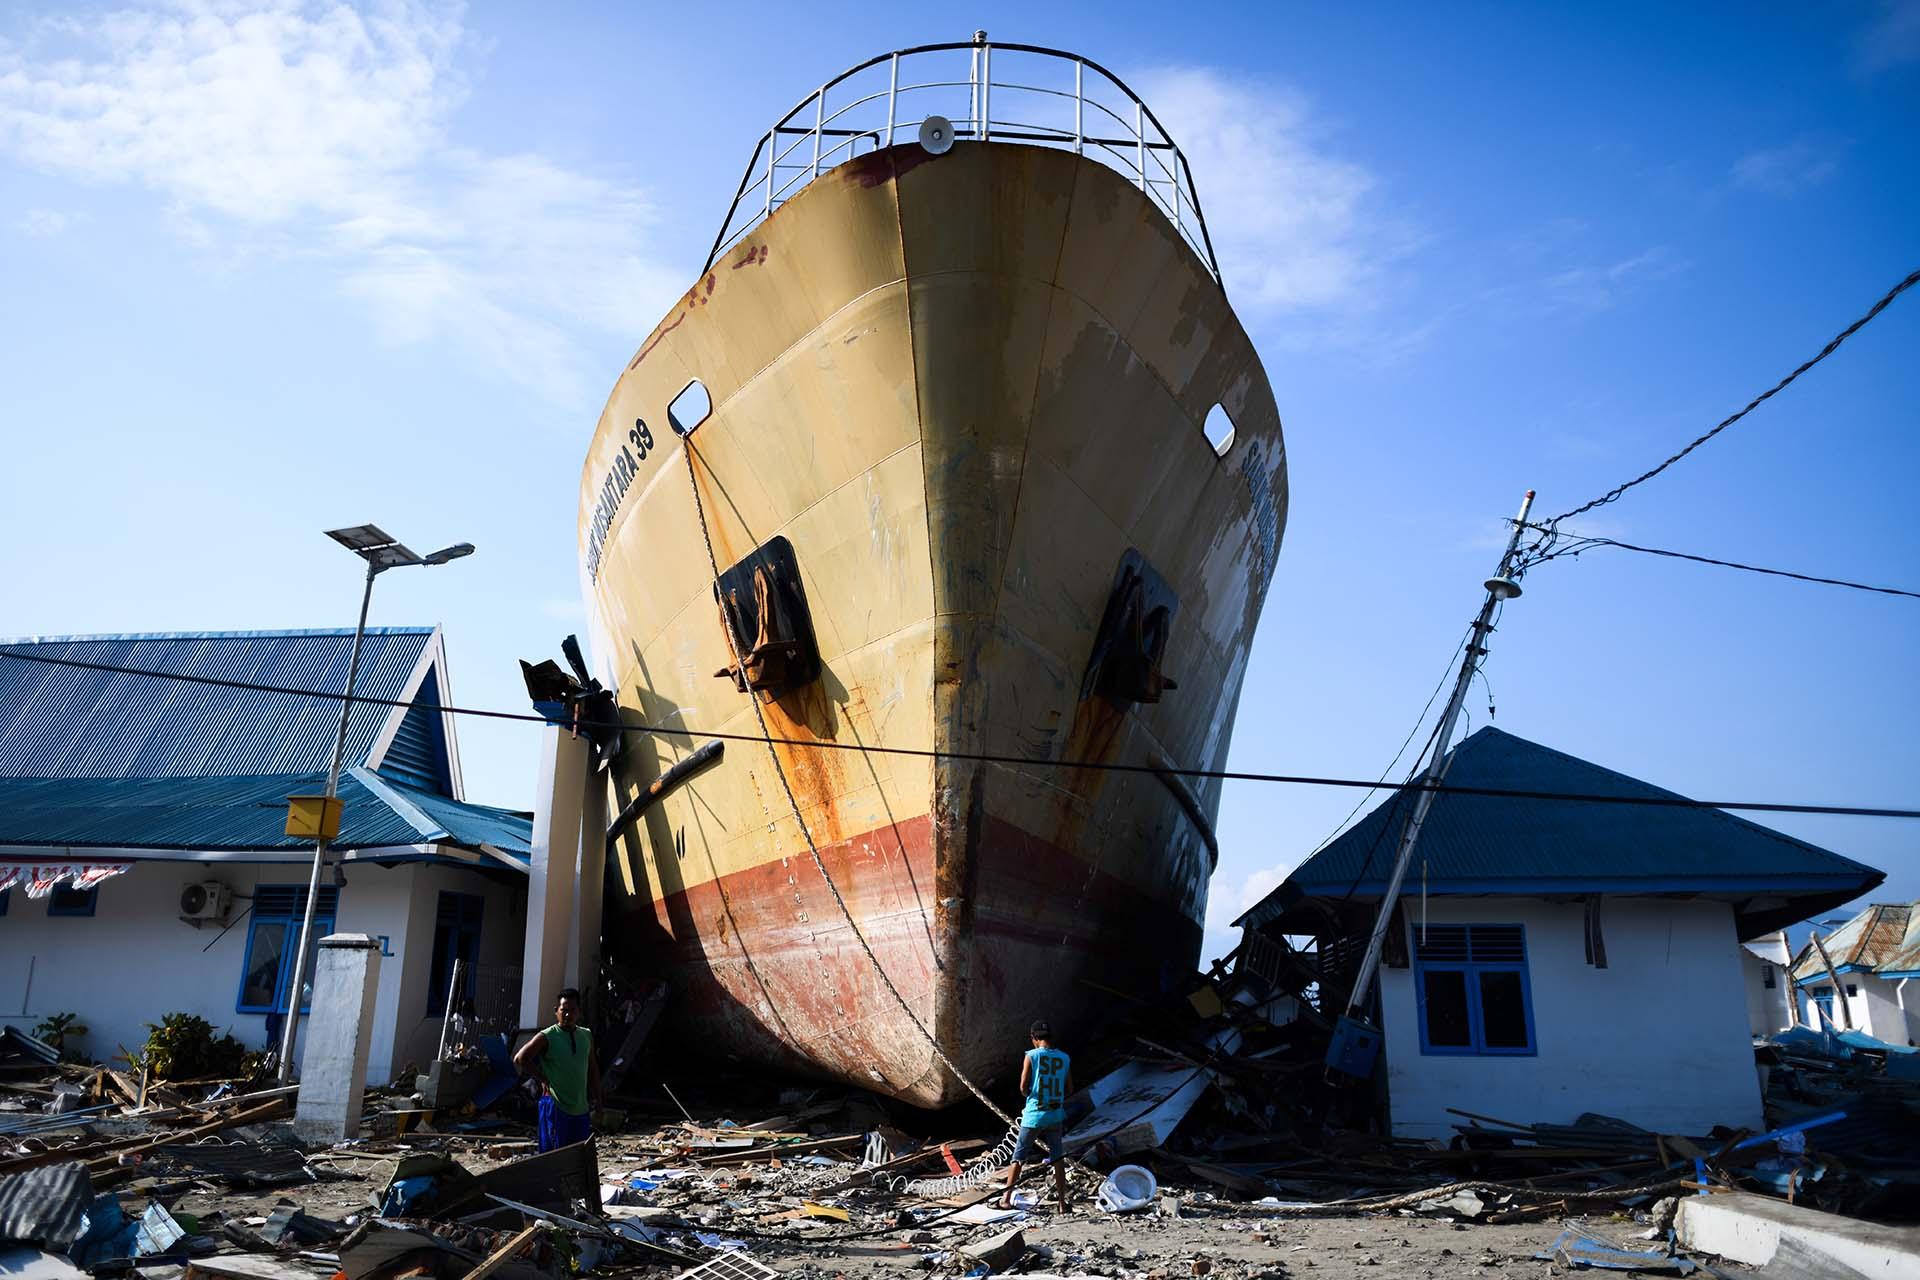 Los sobrevivientes del terremoto cruzan un transbordador de pasajeros en Wani, el centro de Sulawesi en Indonesia, el 3 de octubre